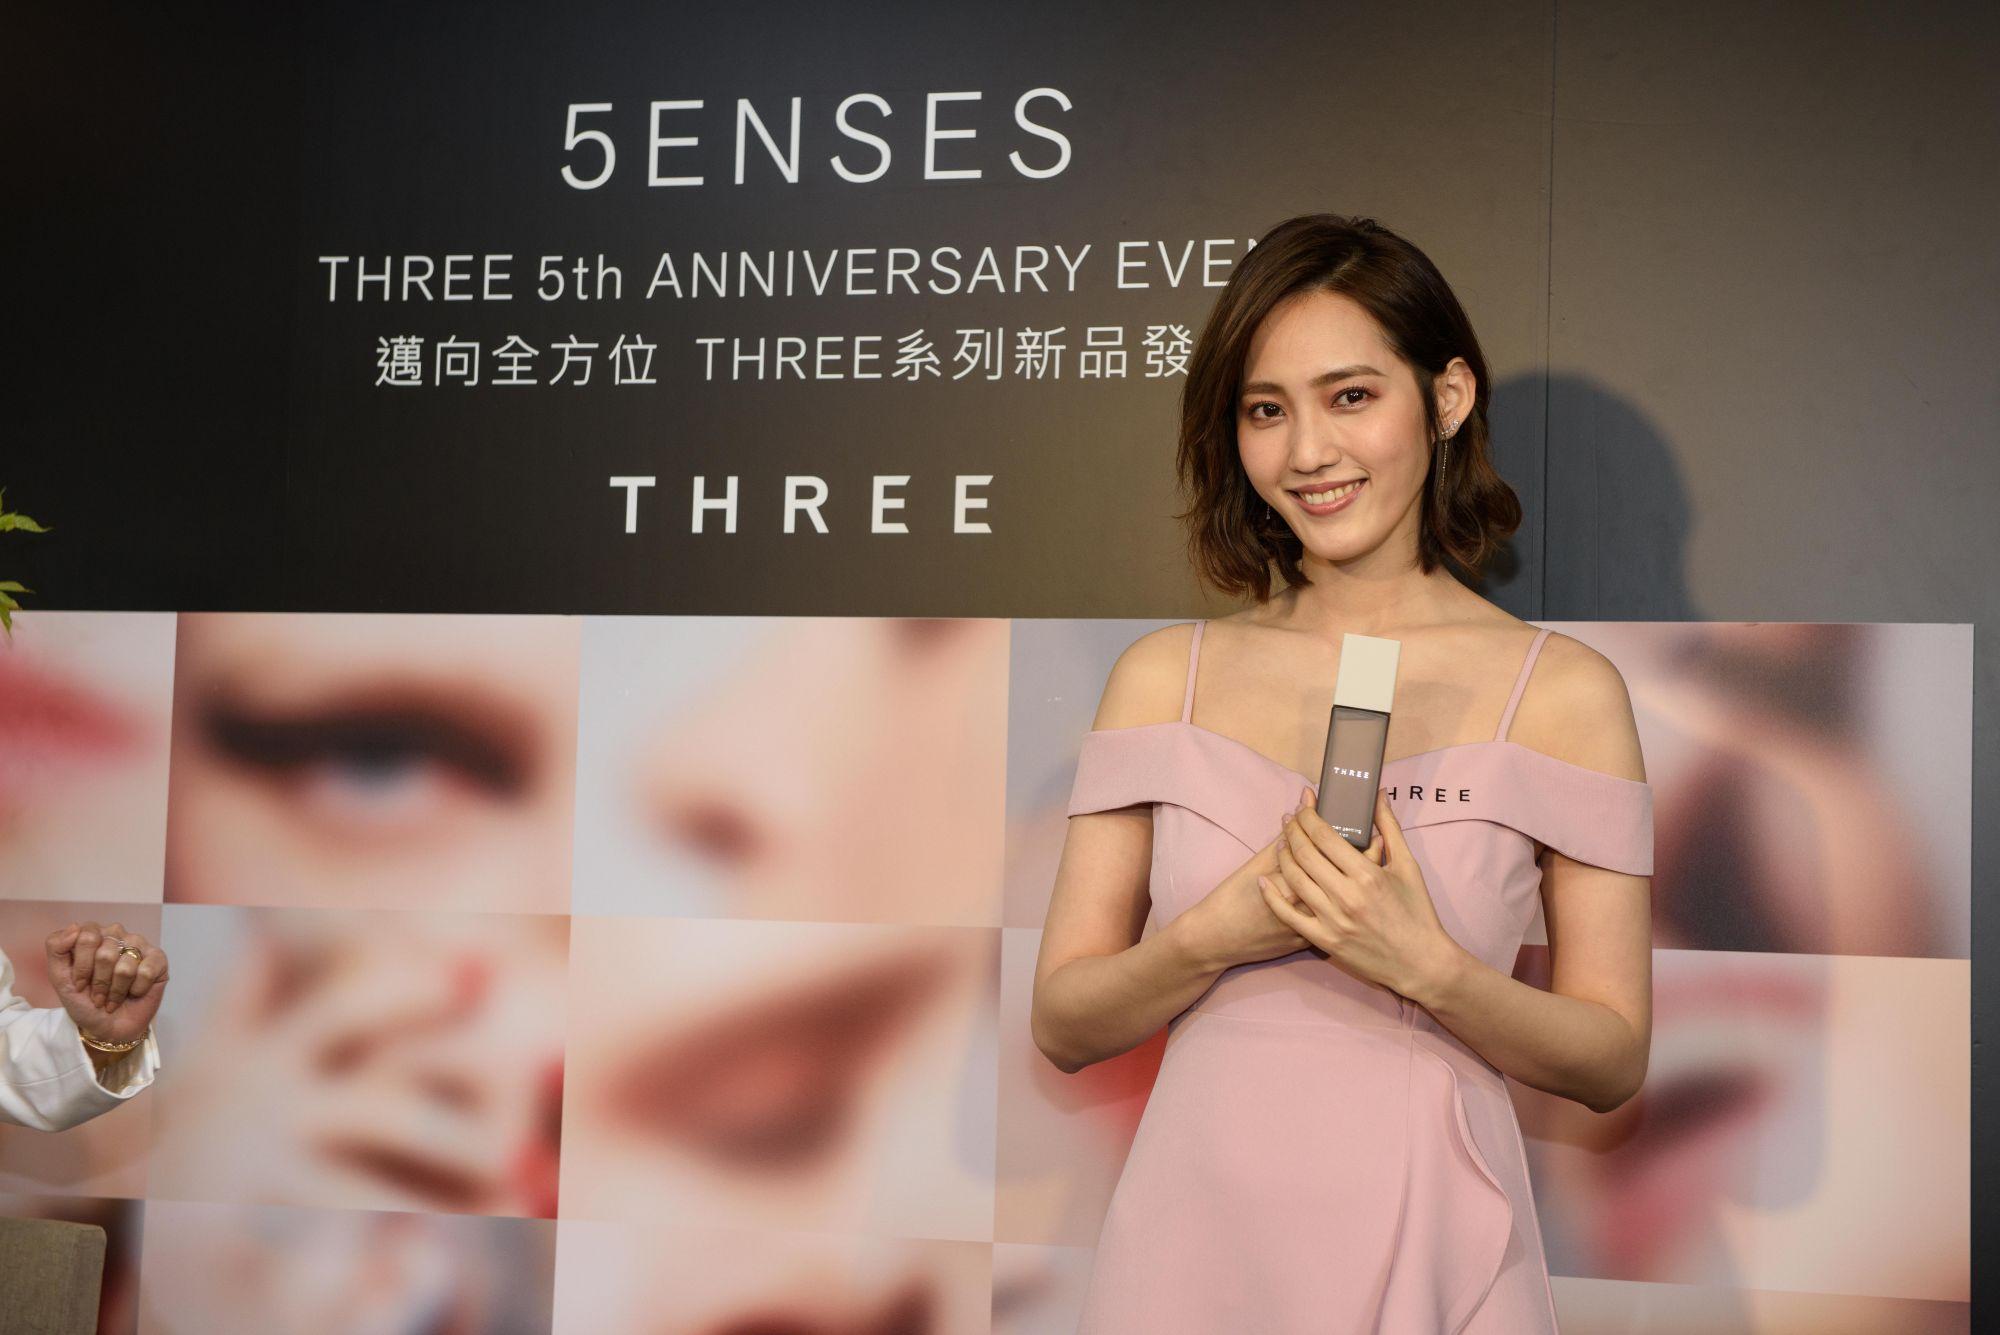 氣質名媛王棠云:「找到自我平衡最重要!」給自己與家人的保養首選日本頂級植萃品牌Three